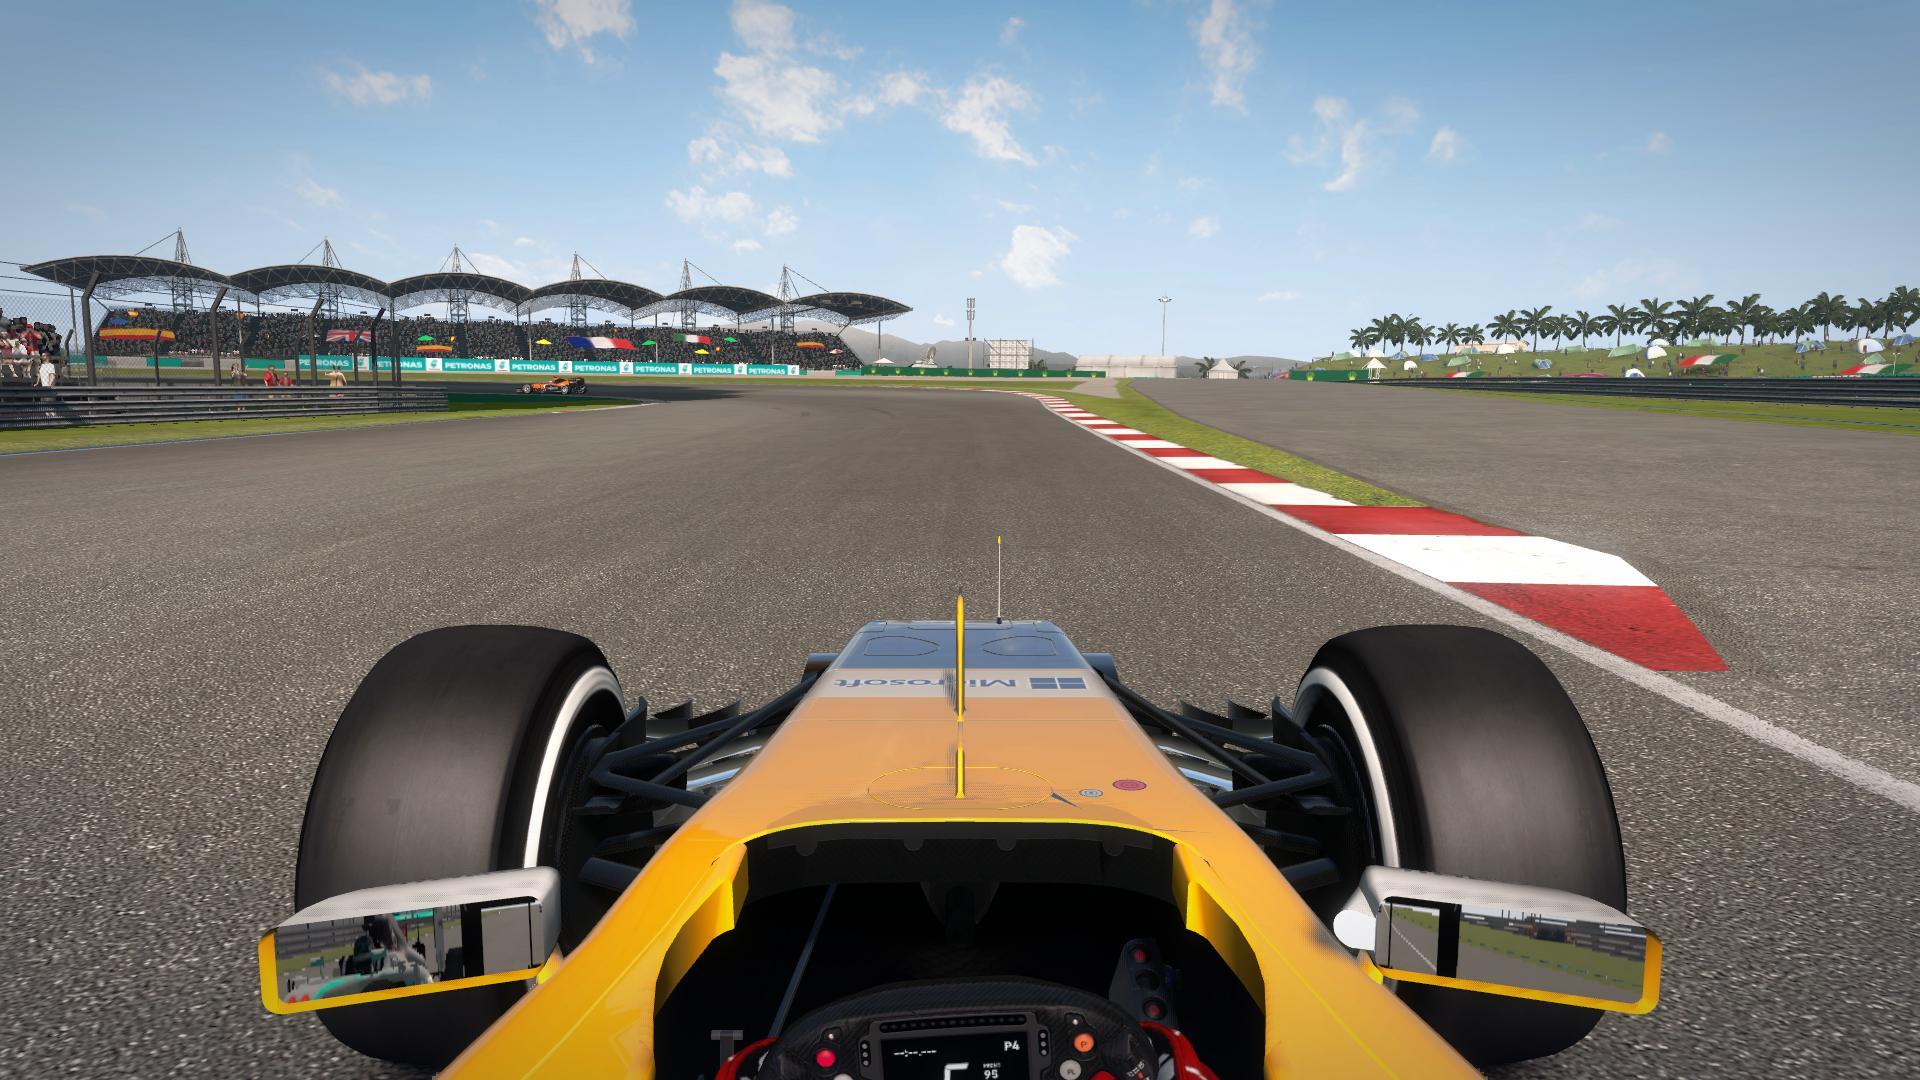 F1_2014 2017-05-13 22-26-35-15.jpg